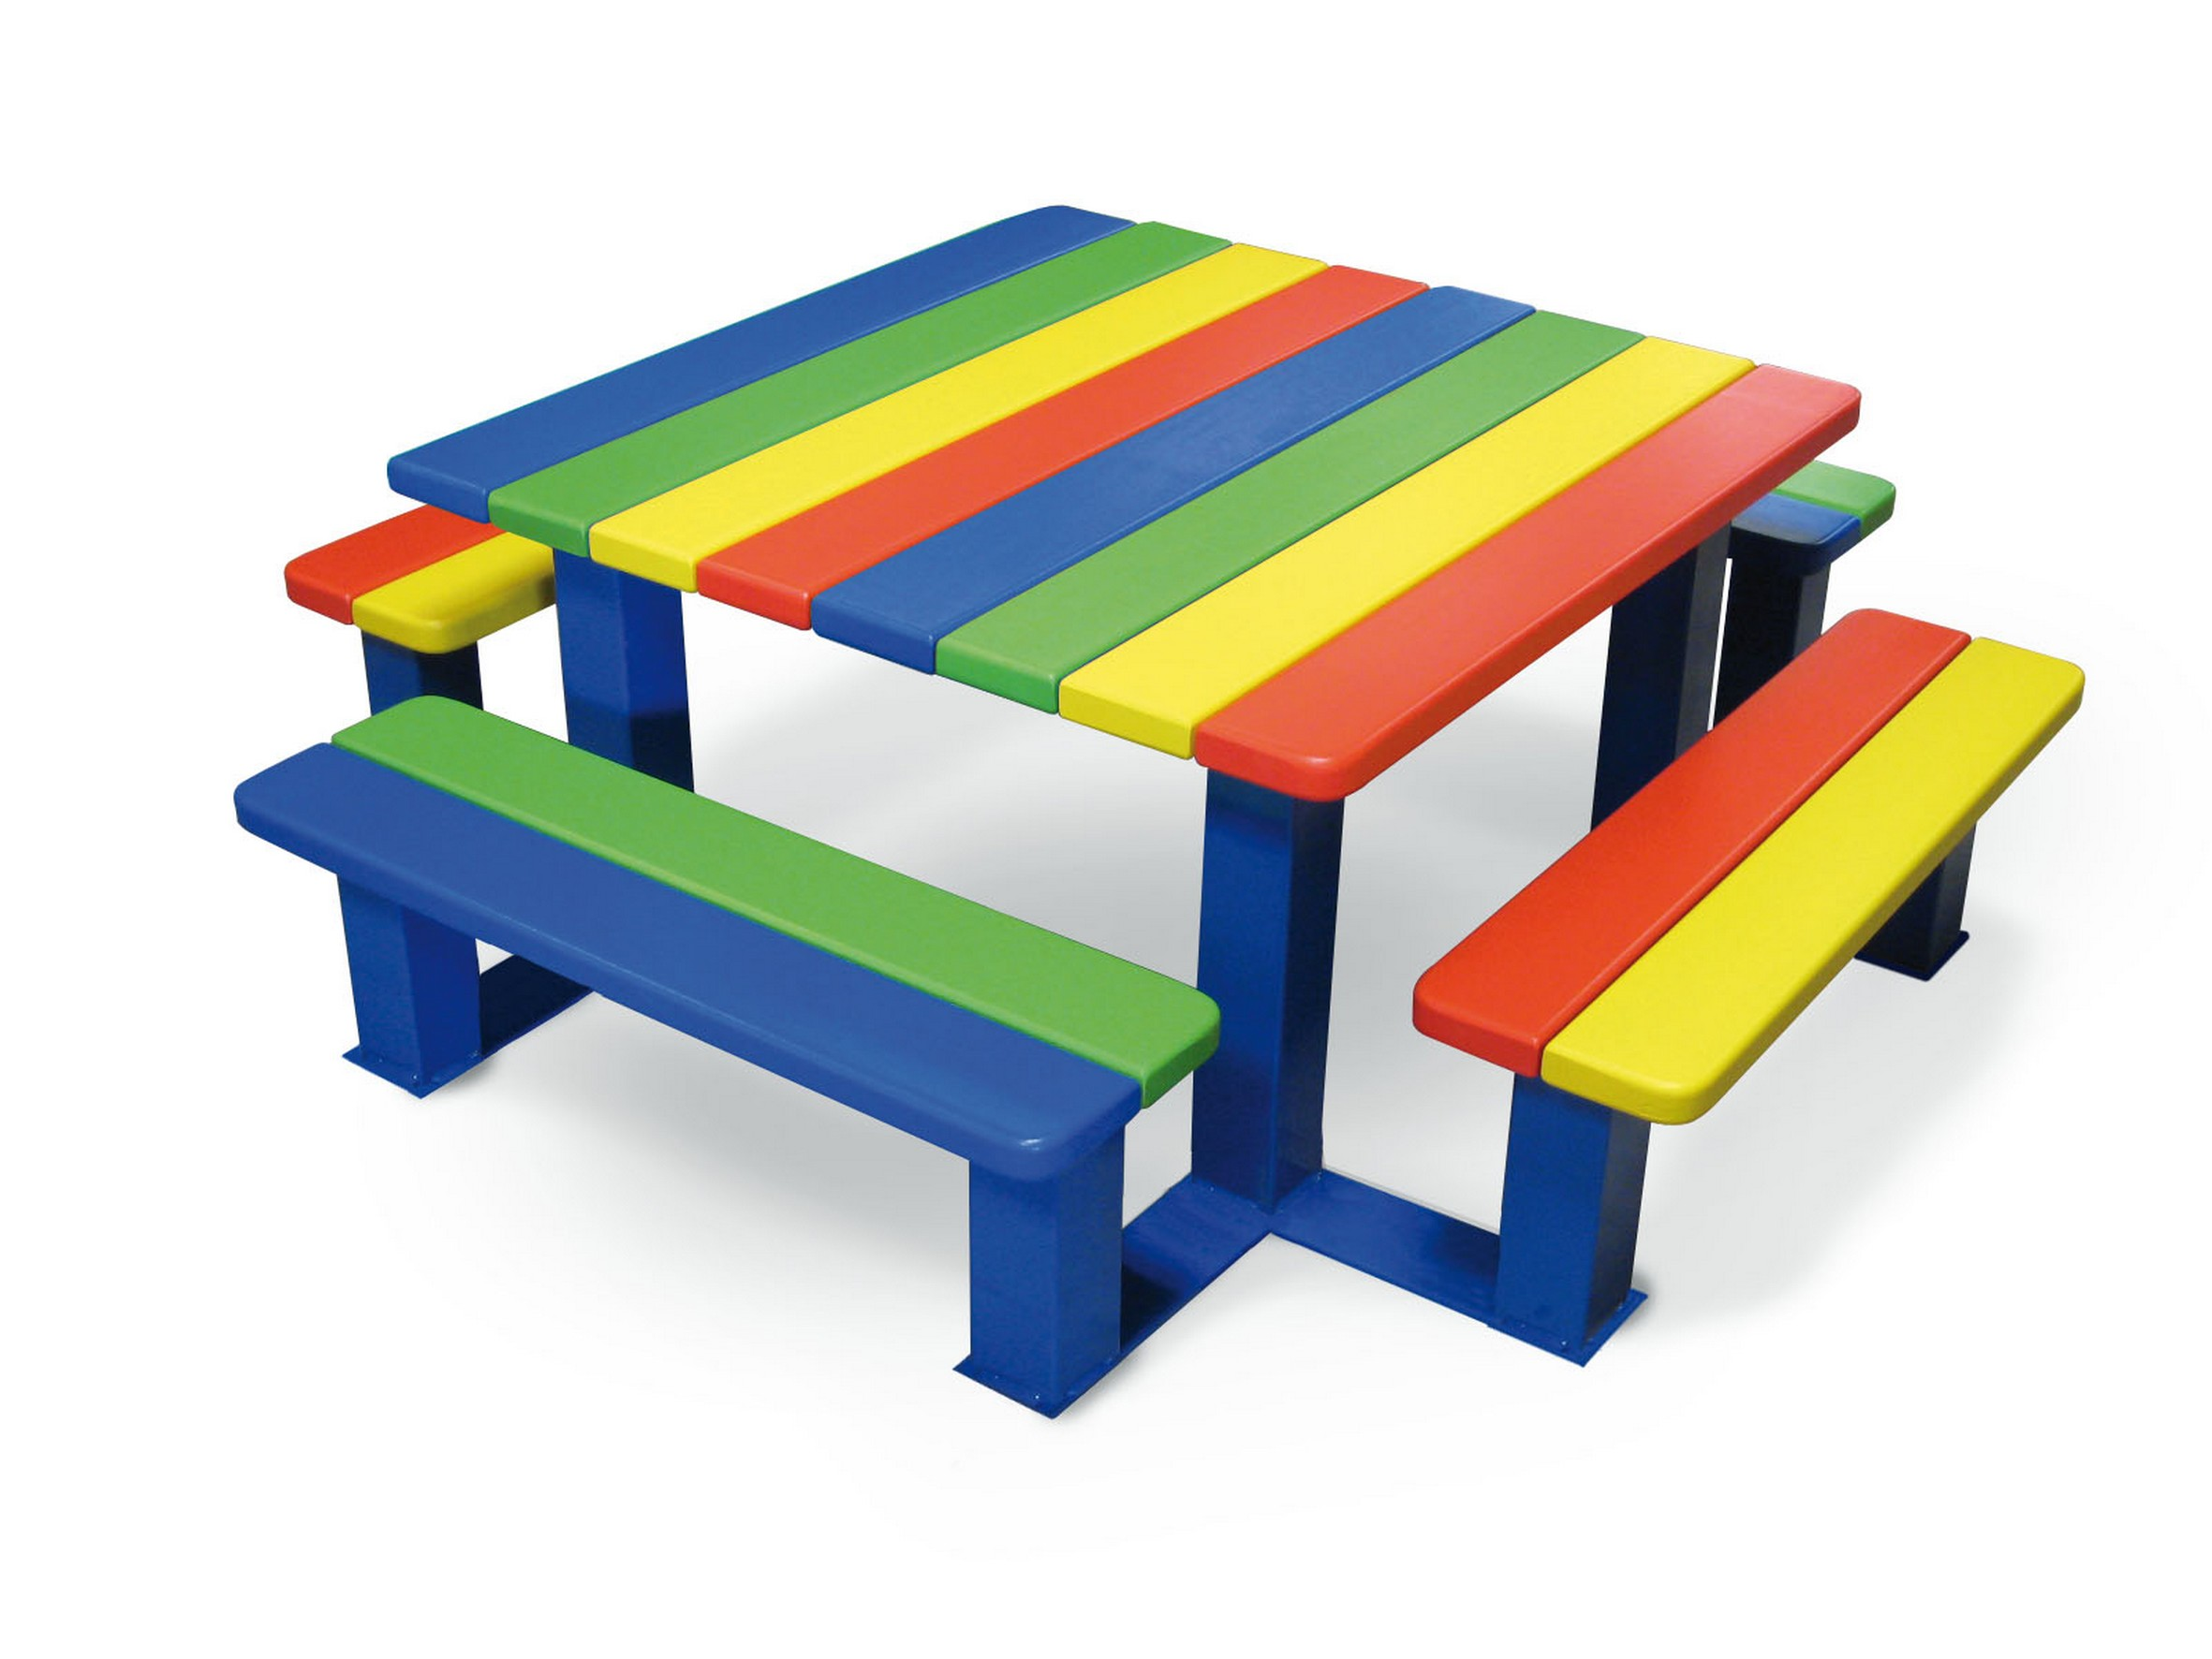 Les tables mobilier enfants france urba fabricant de for Siege de table enfant